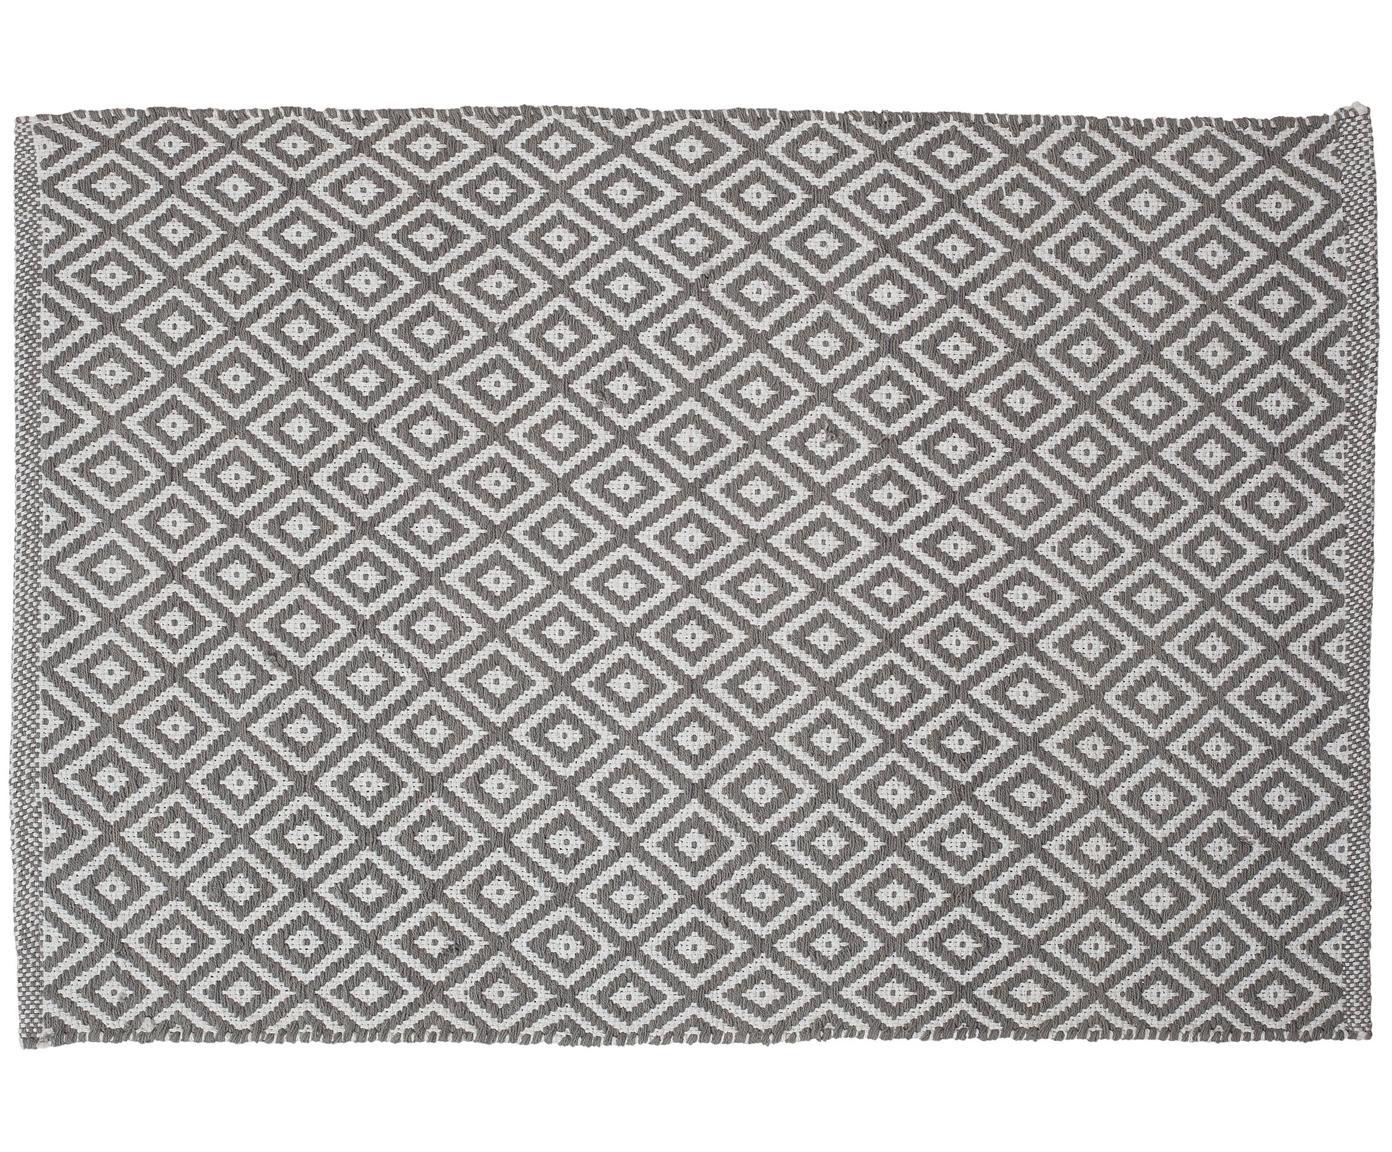 Badvorleger Erin im Boho Style, Grau/Weiß, 100% Baumwolle, Grau, Weiß, 60 x 90 cm